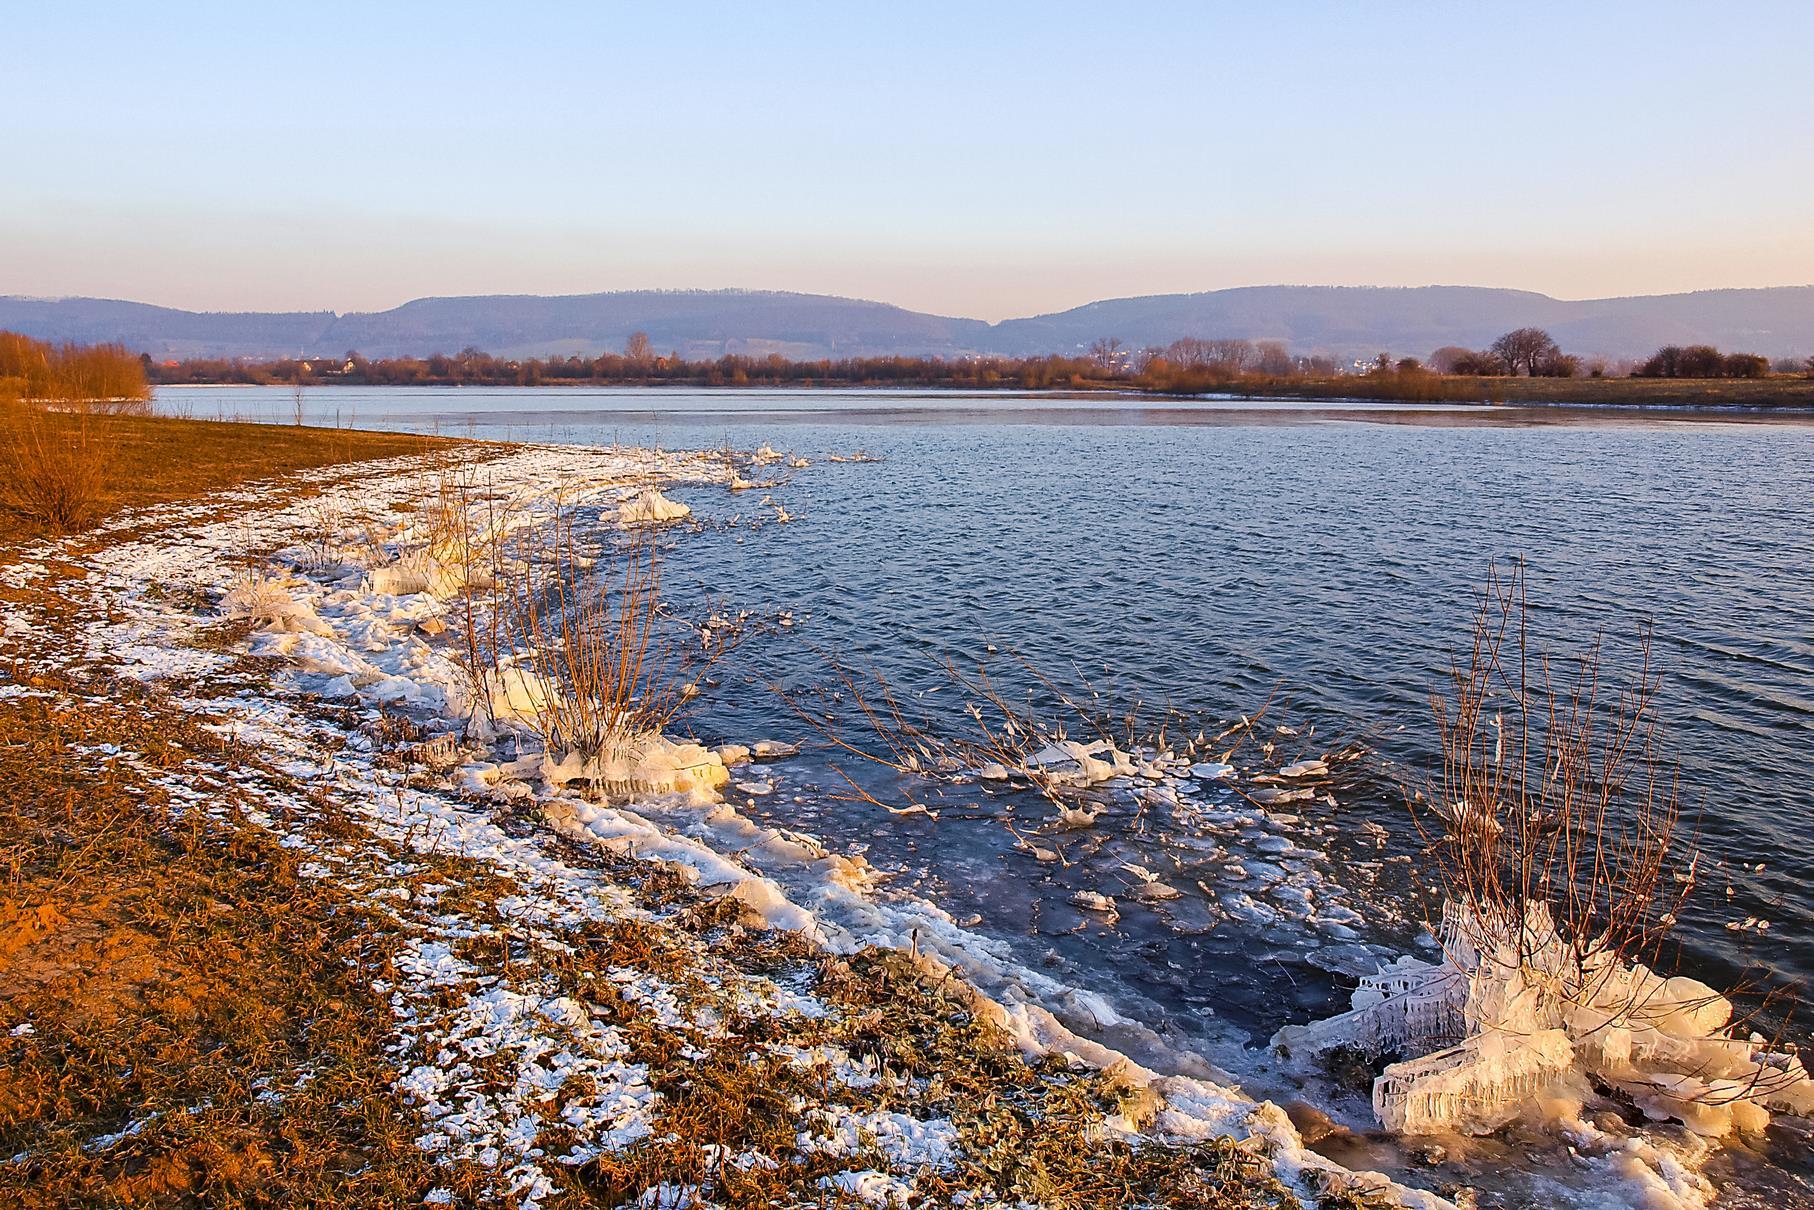 Vereistes Ufer am mittleren Teich im Morgenlicht.